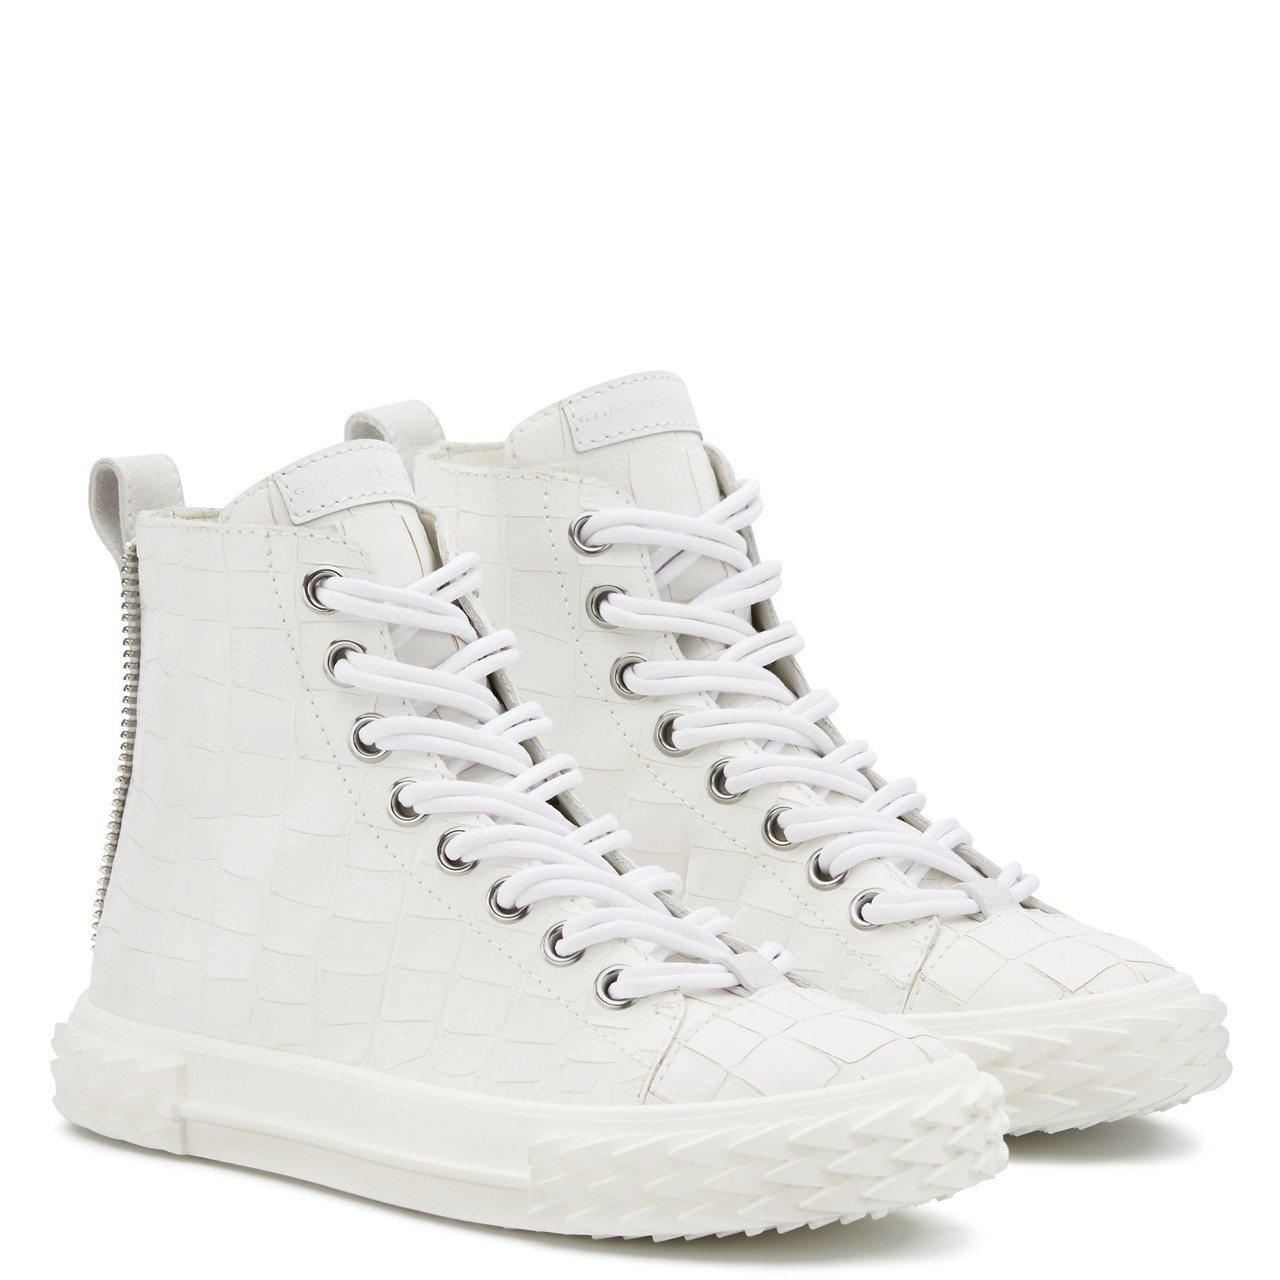 Blabber運動鞋,約台幣22,700元。圖/Giuseppe Zanotti...